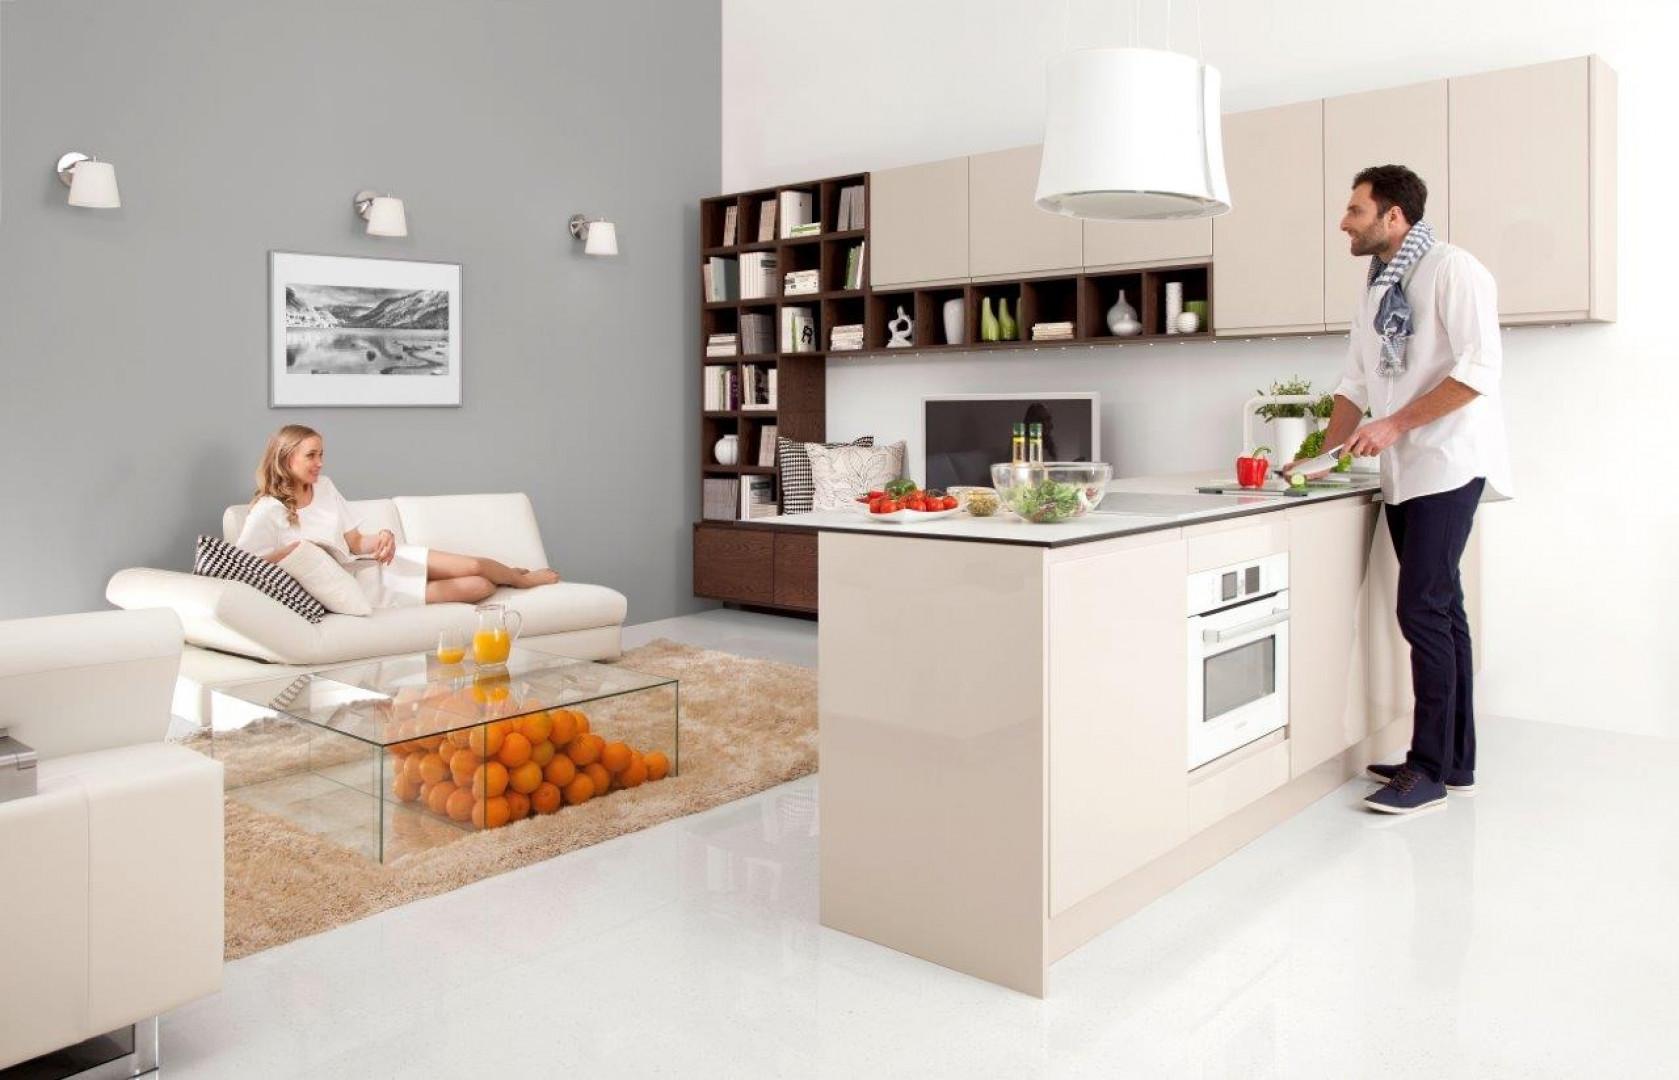 Kuchnia Mirabelle/Ritto firmy WFM Kuchnie. Fot. WFM Kuchnie